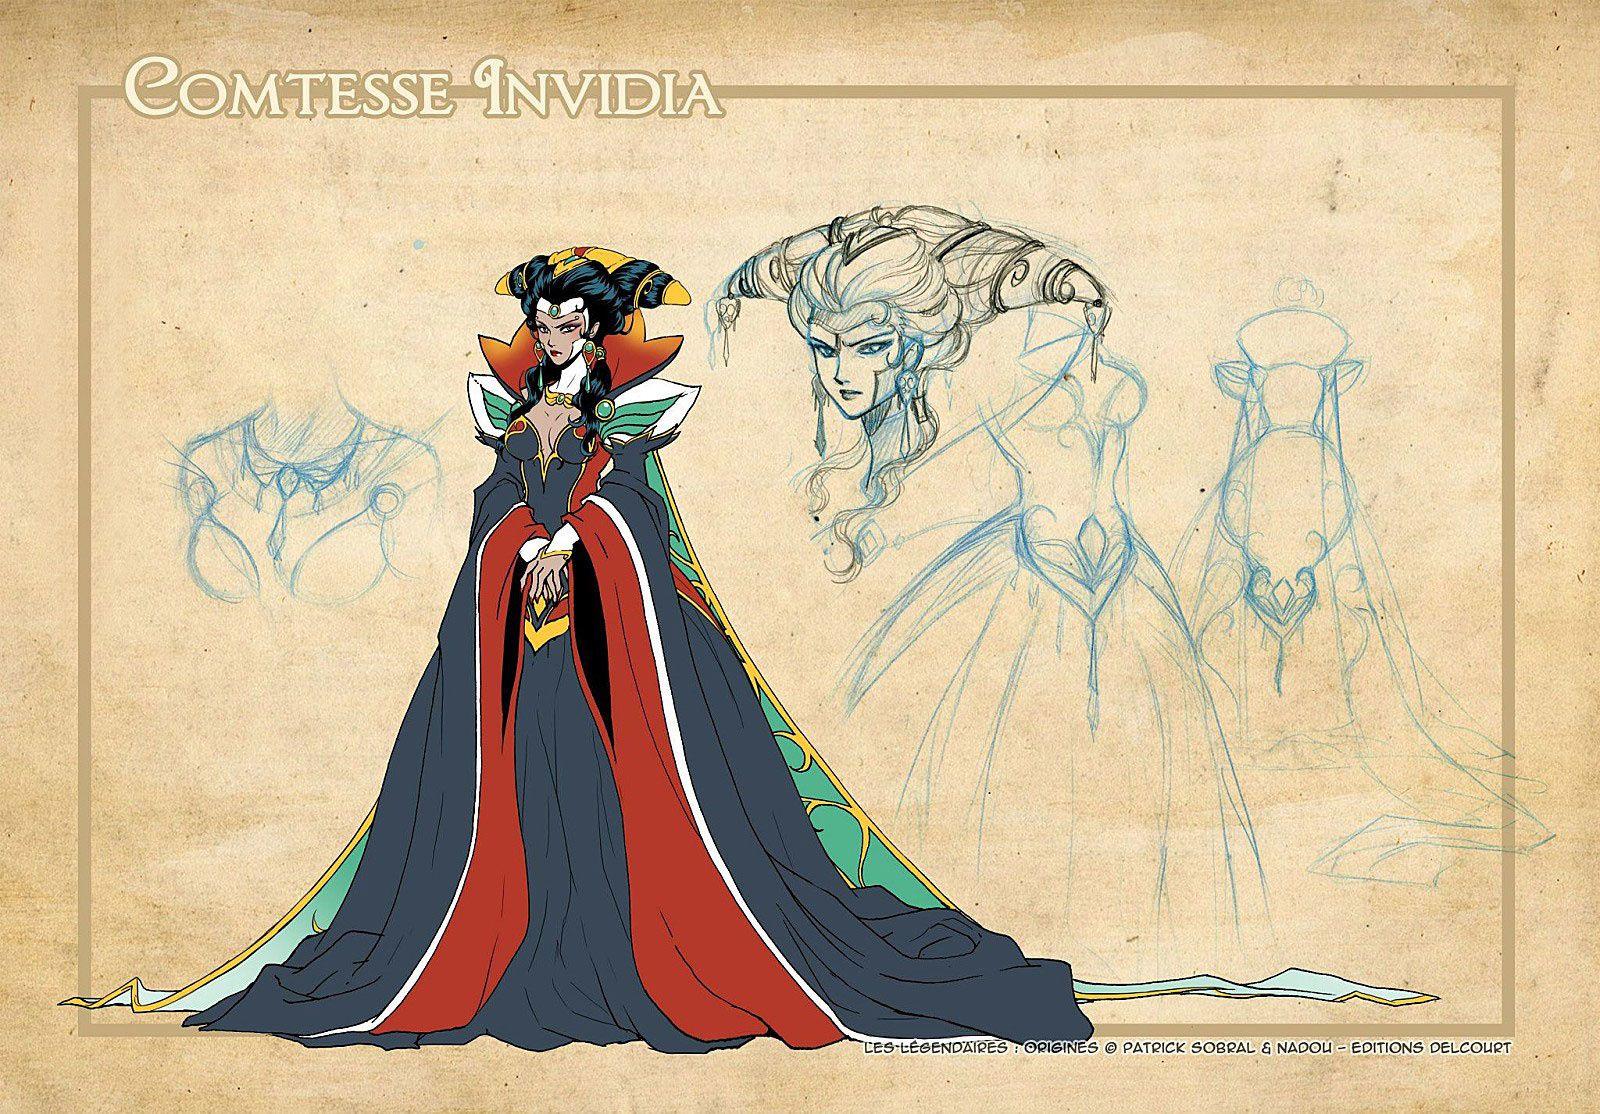 [IDL N°231] : La Reine Invidia possède une clé elfique